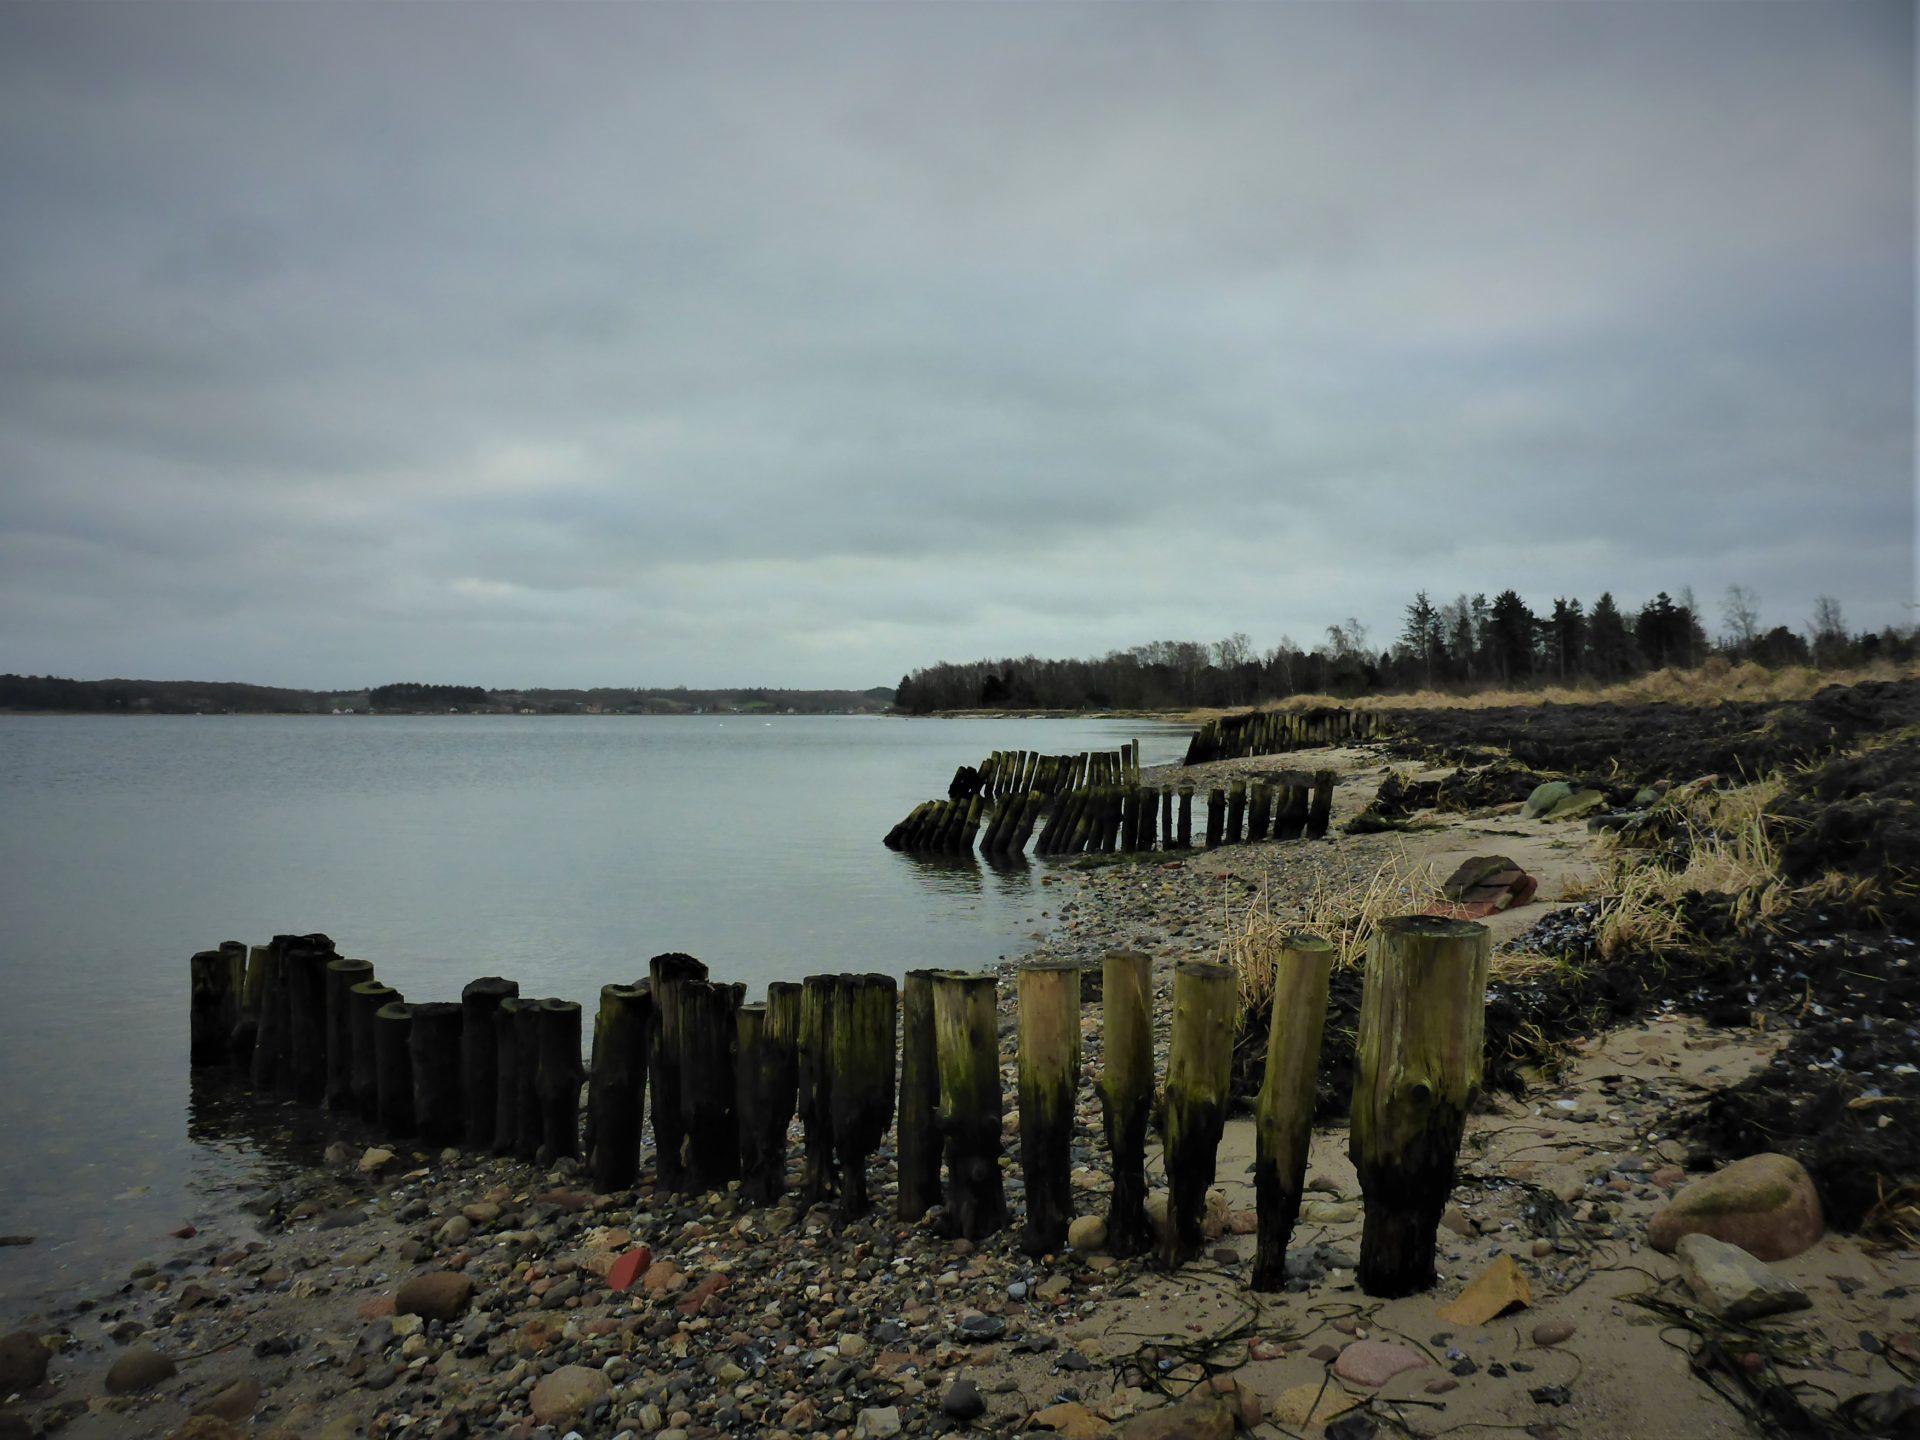 Mosevej Fiskeplads er en fiskeplads i den sydlige del af Limfjorden til fangst af havørred.